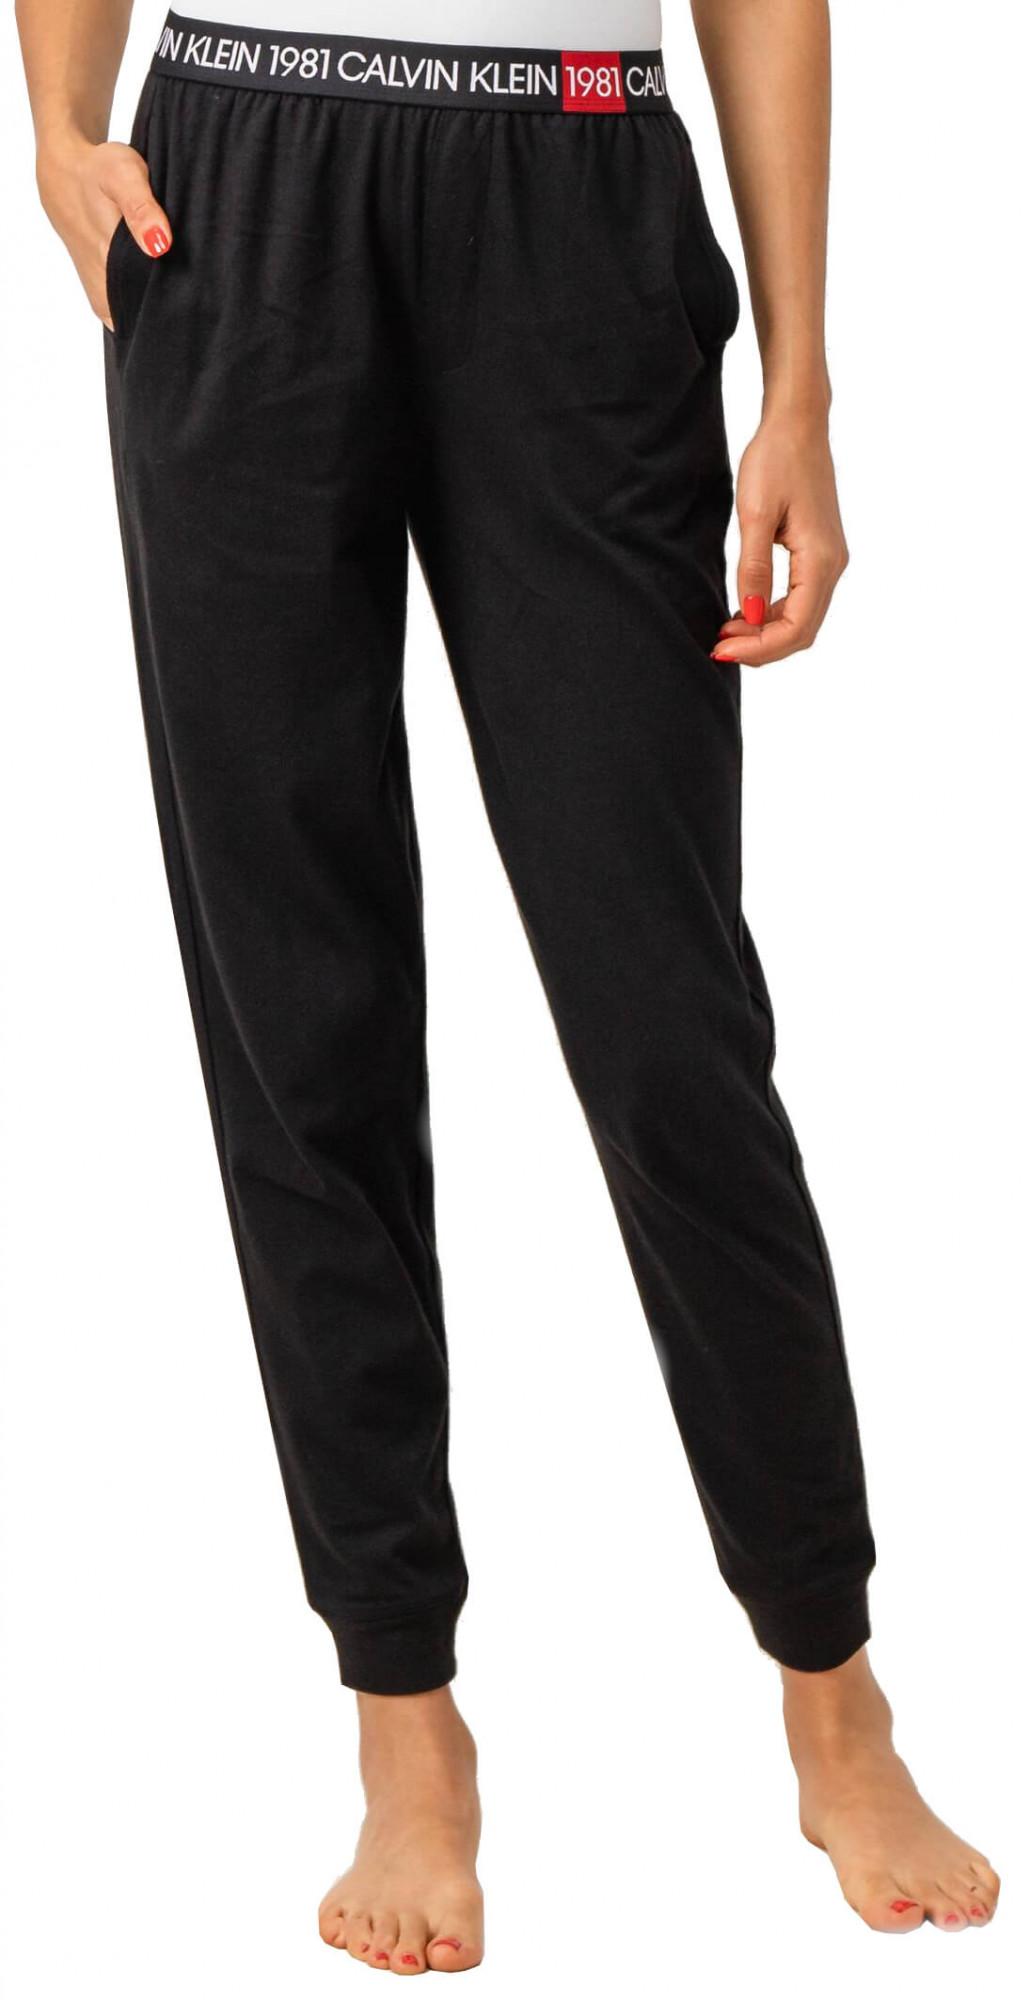 Dámské tepláky QS6311E-001 černá - Calvin Klein černá S